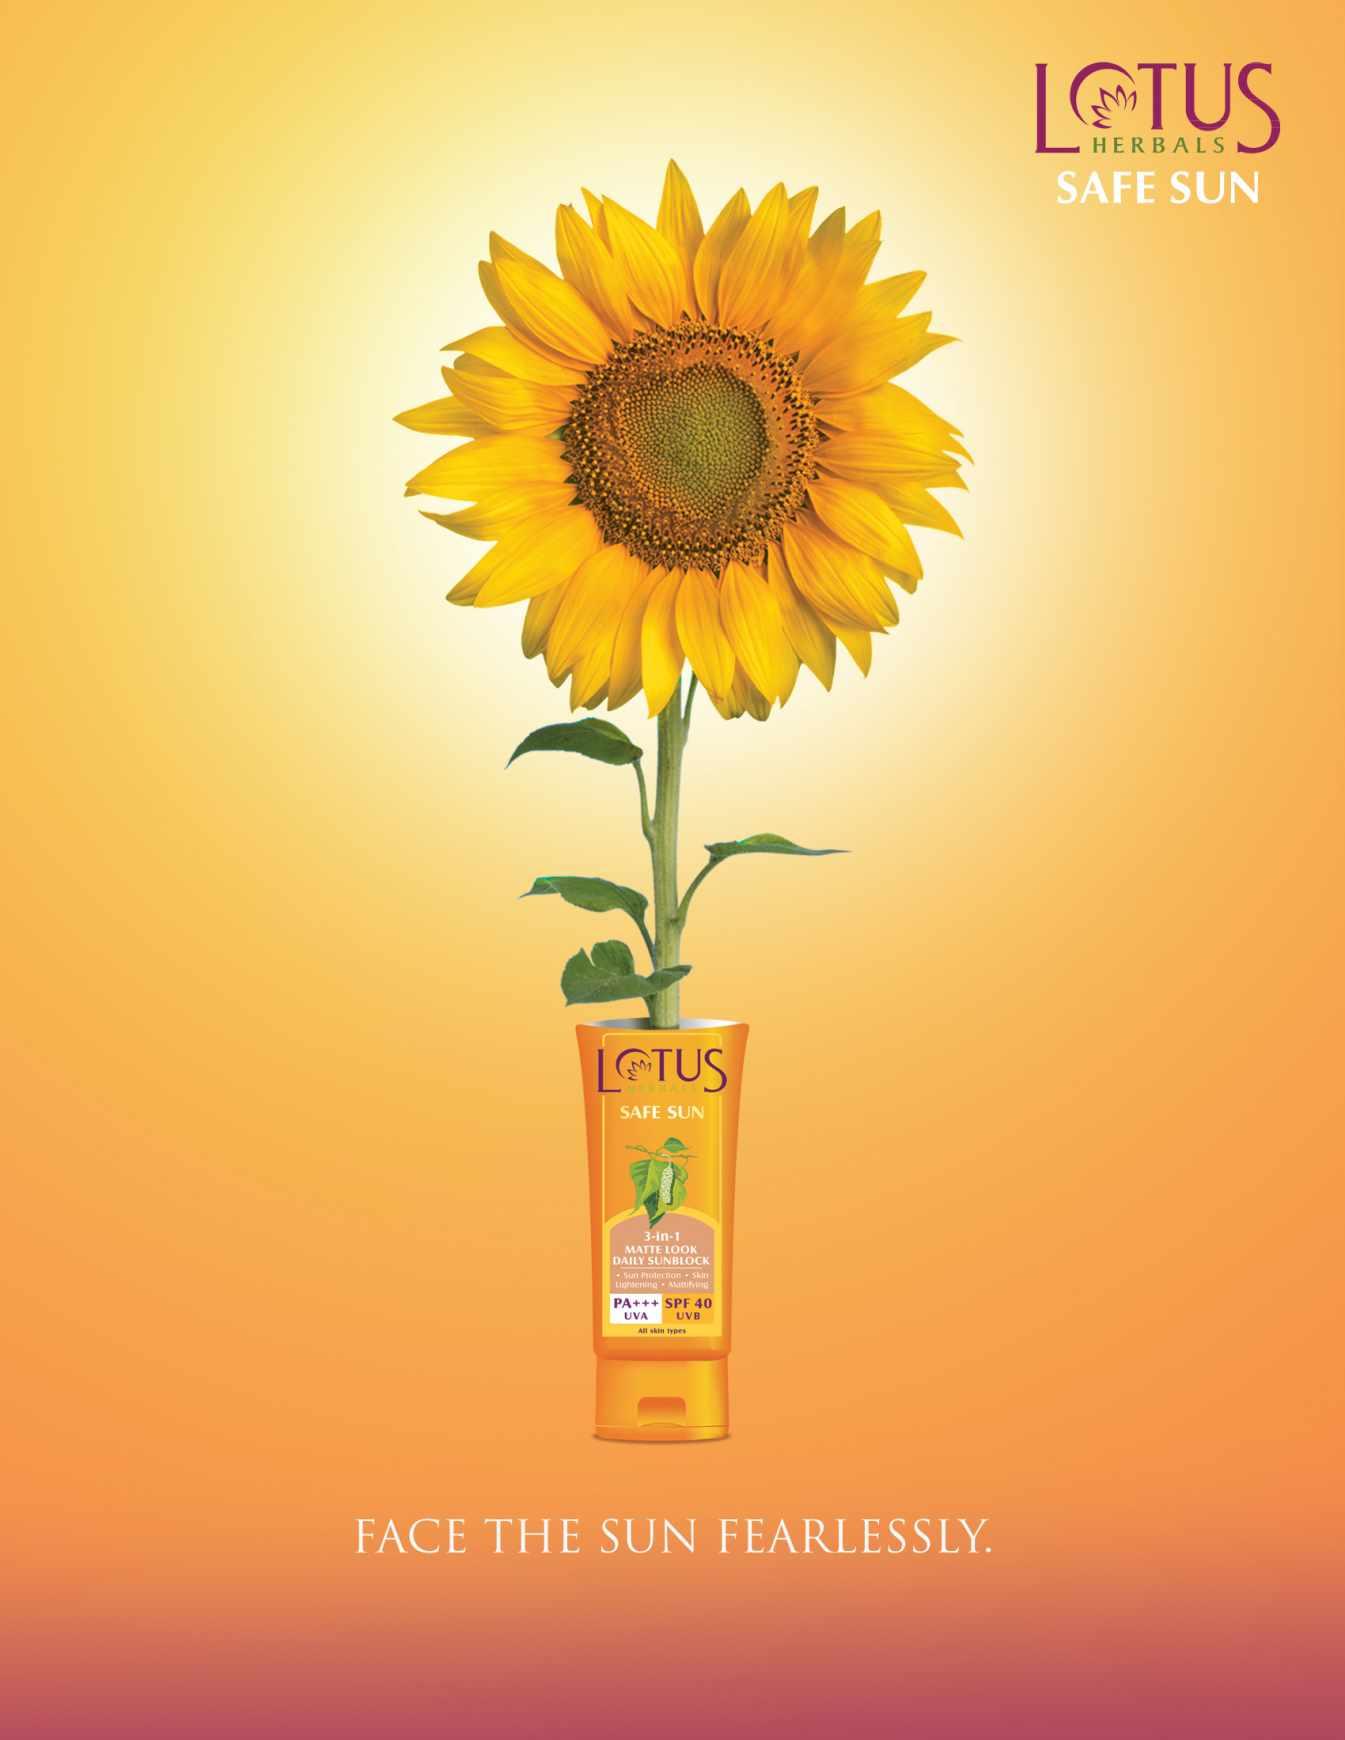 Les publicités les plus créatives sur la Canicule 52